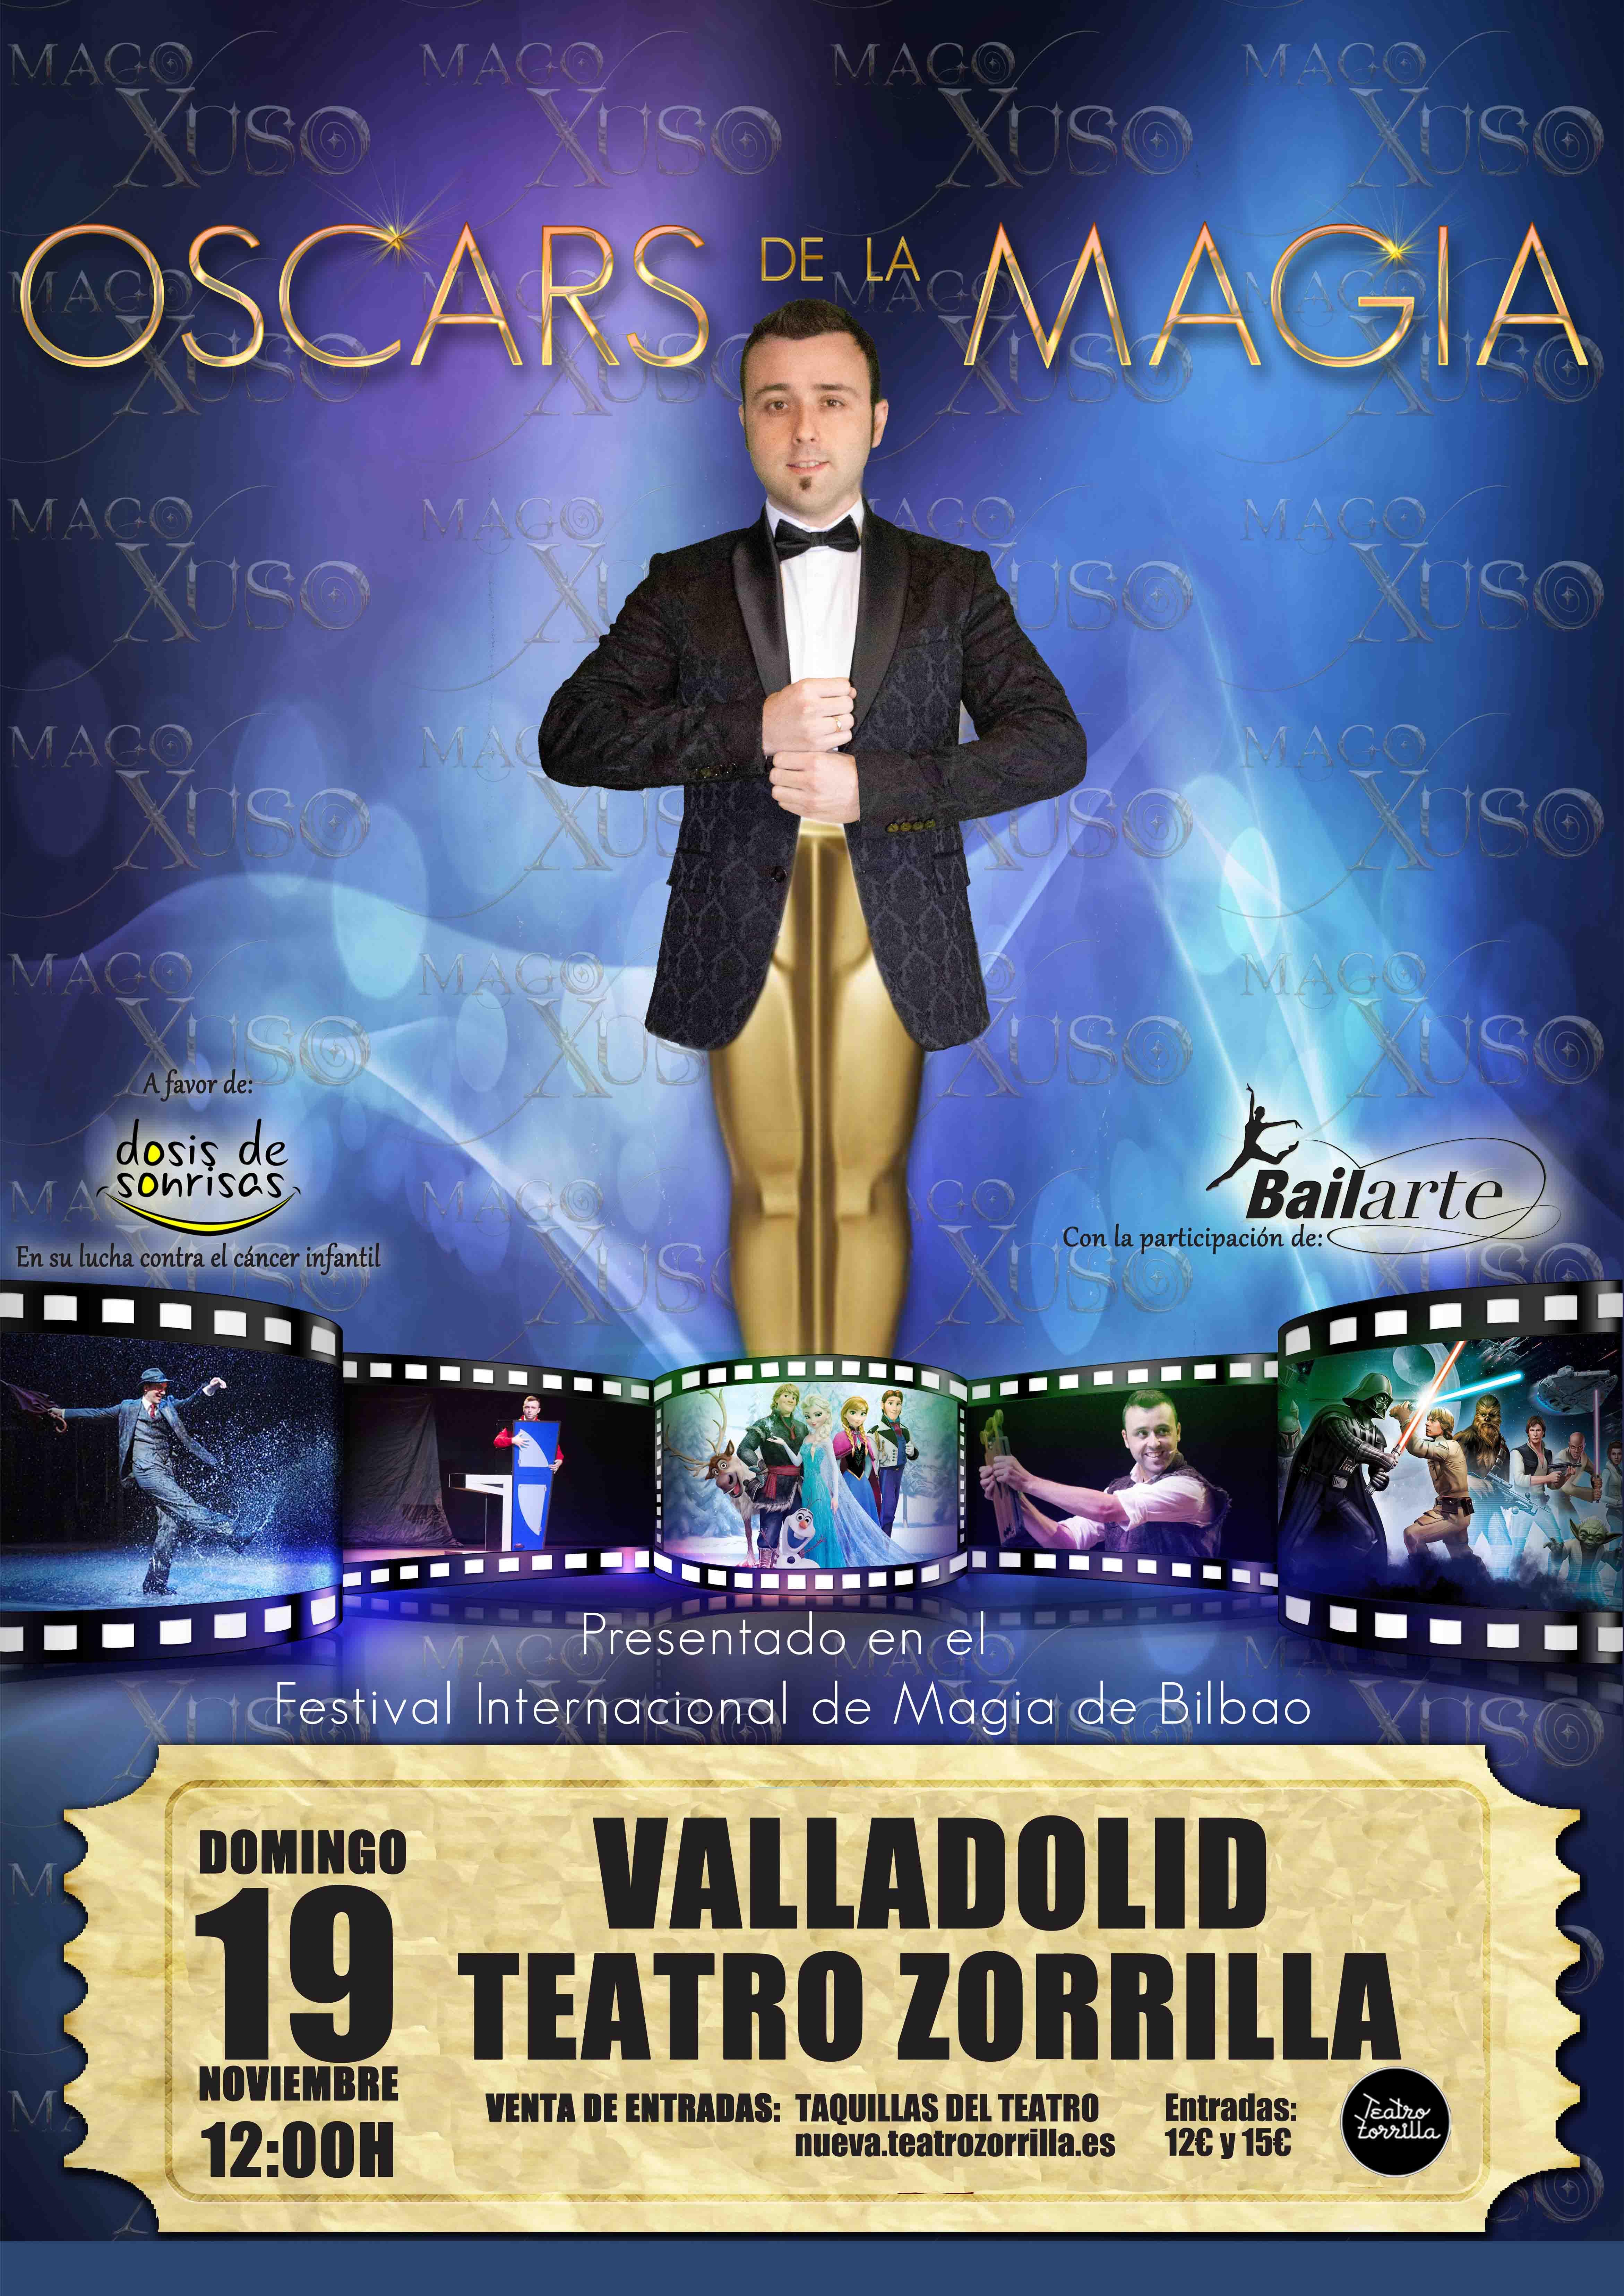 Oscars de la magia